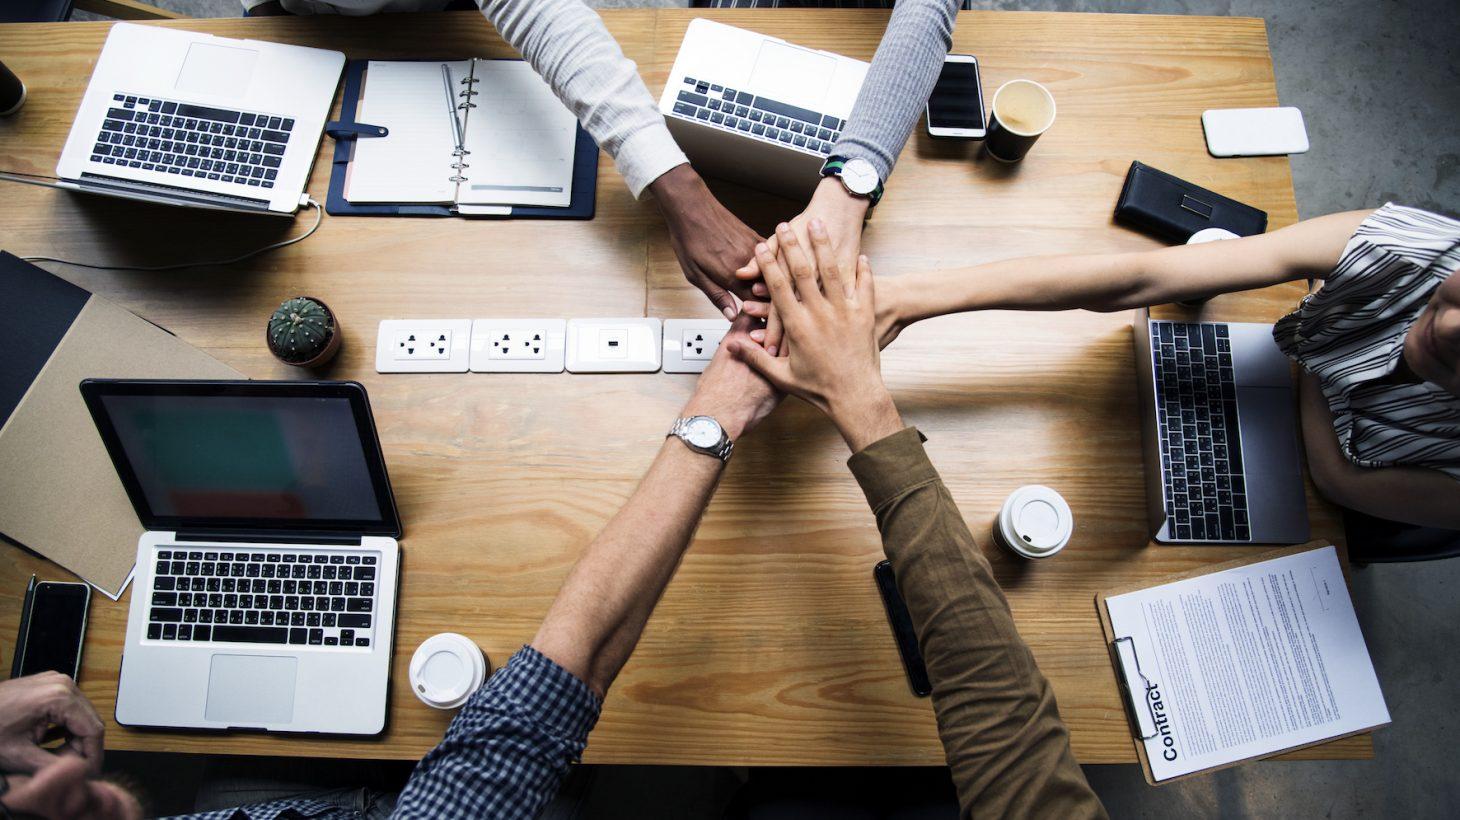 Fem händer möts i mitten över ett bord fyllt av datorer.